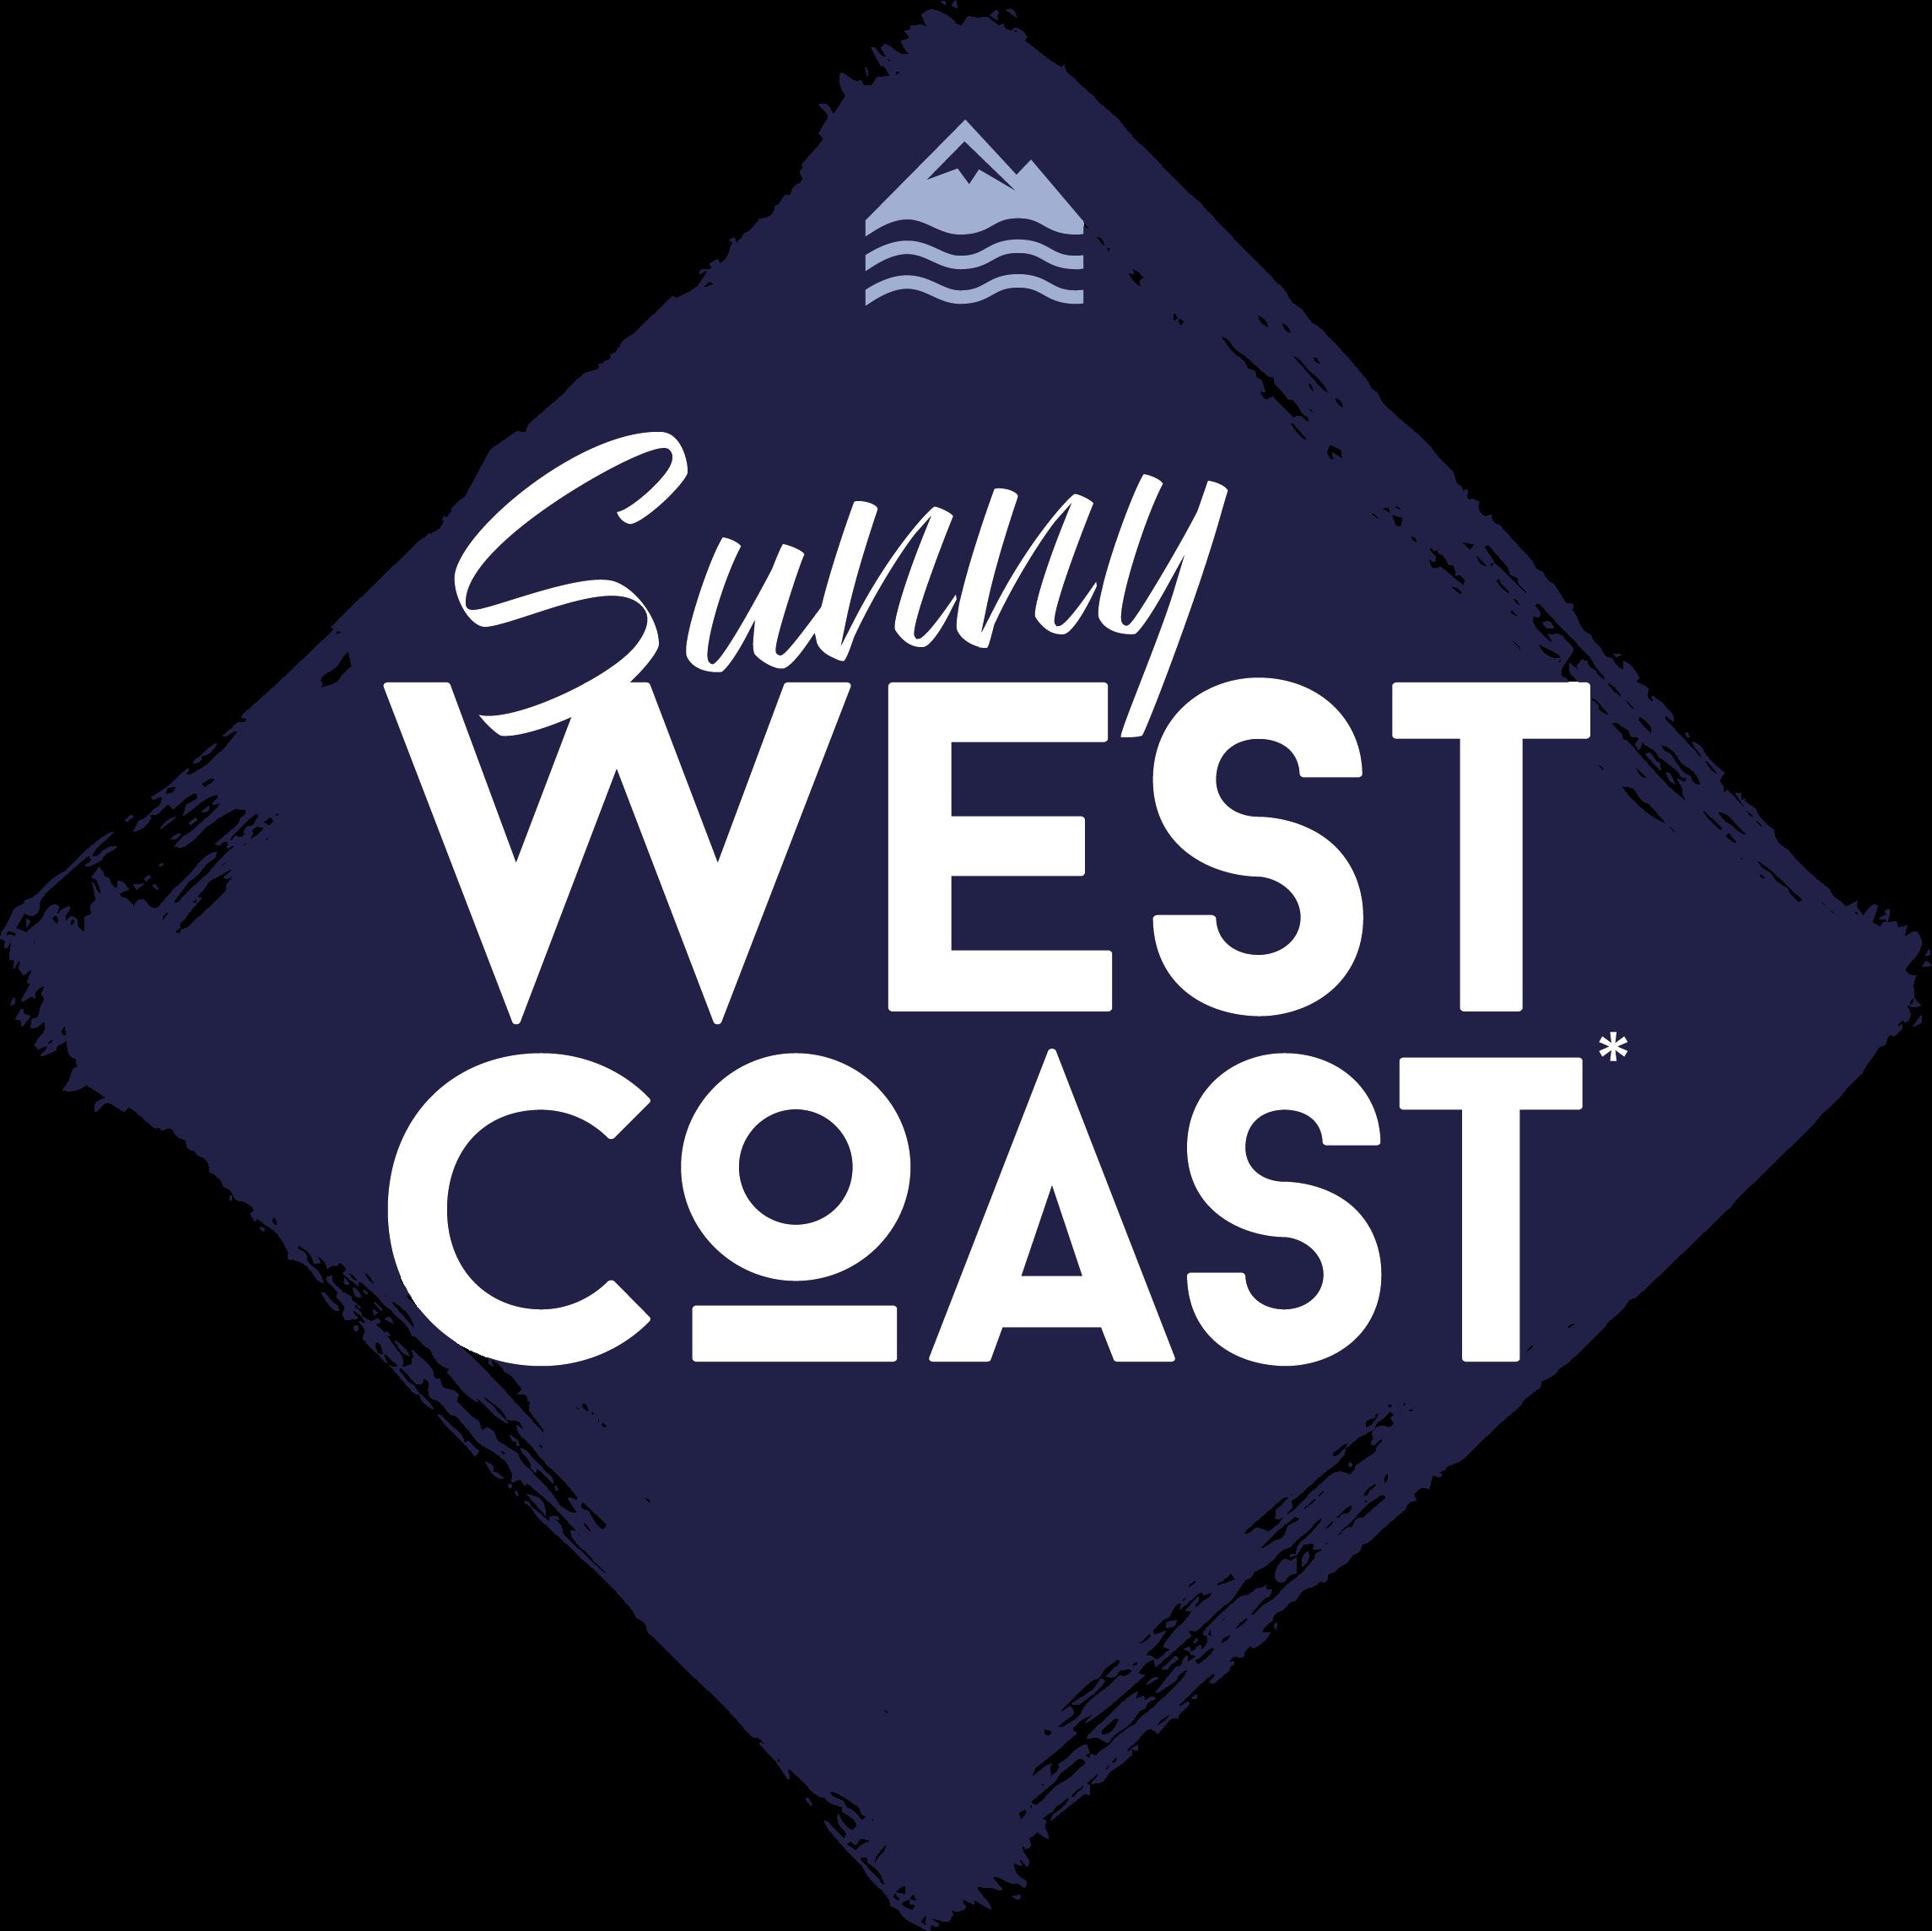 Sunny West Coast